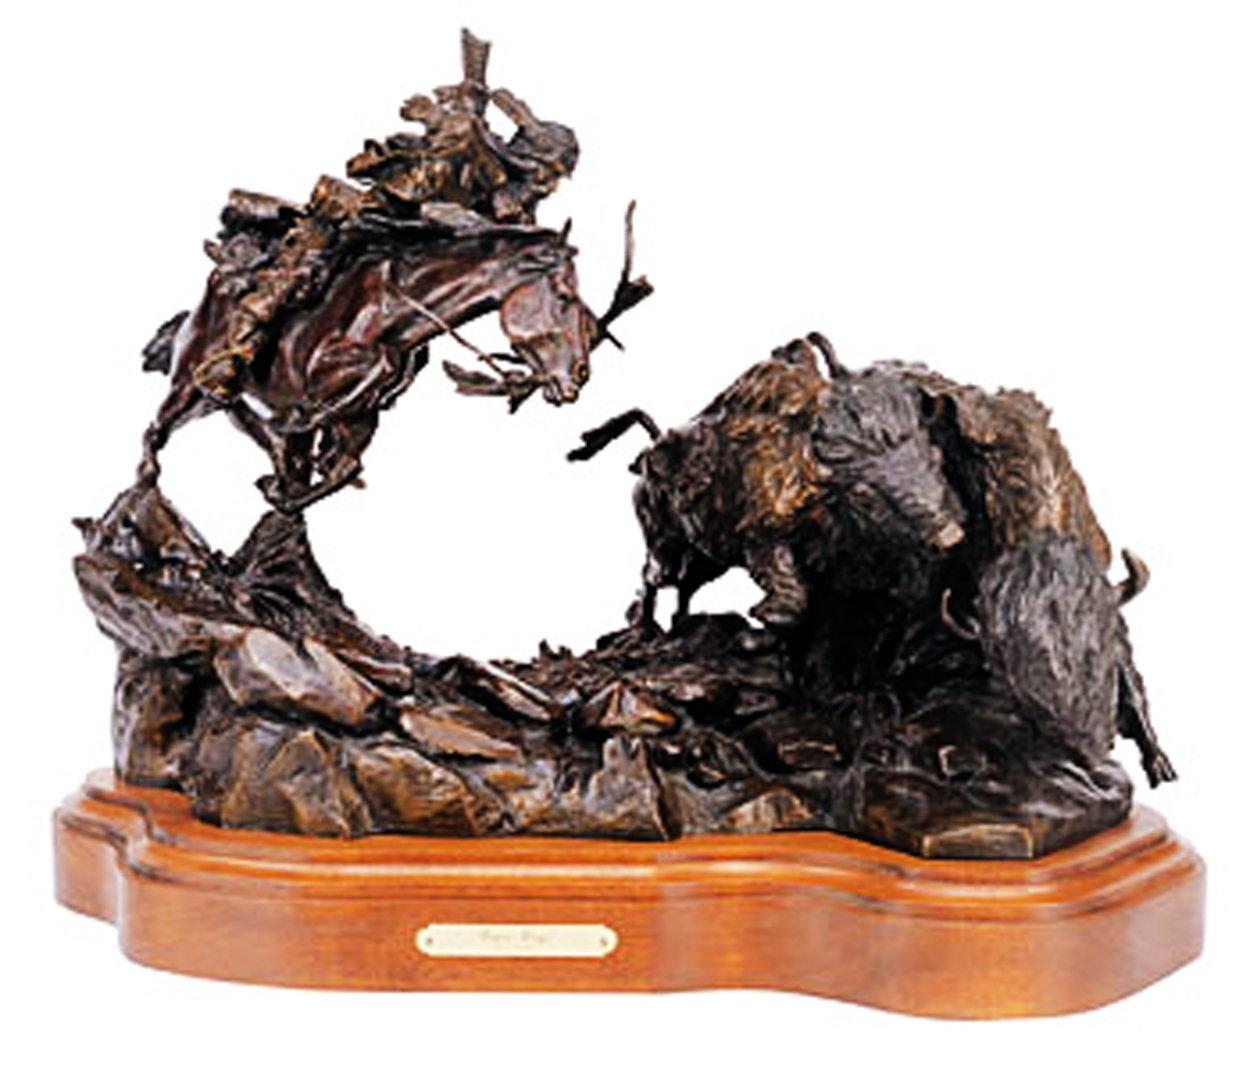 Injun Ways Bronze 1990 29 in Sculpture by Ken Payne